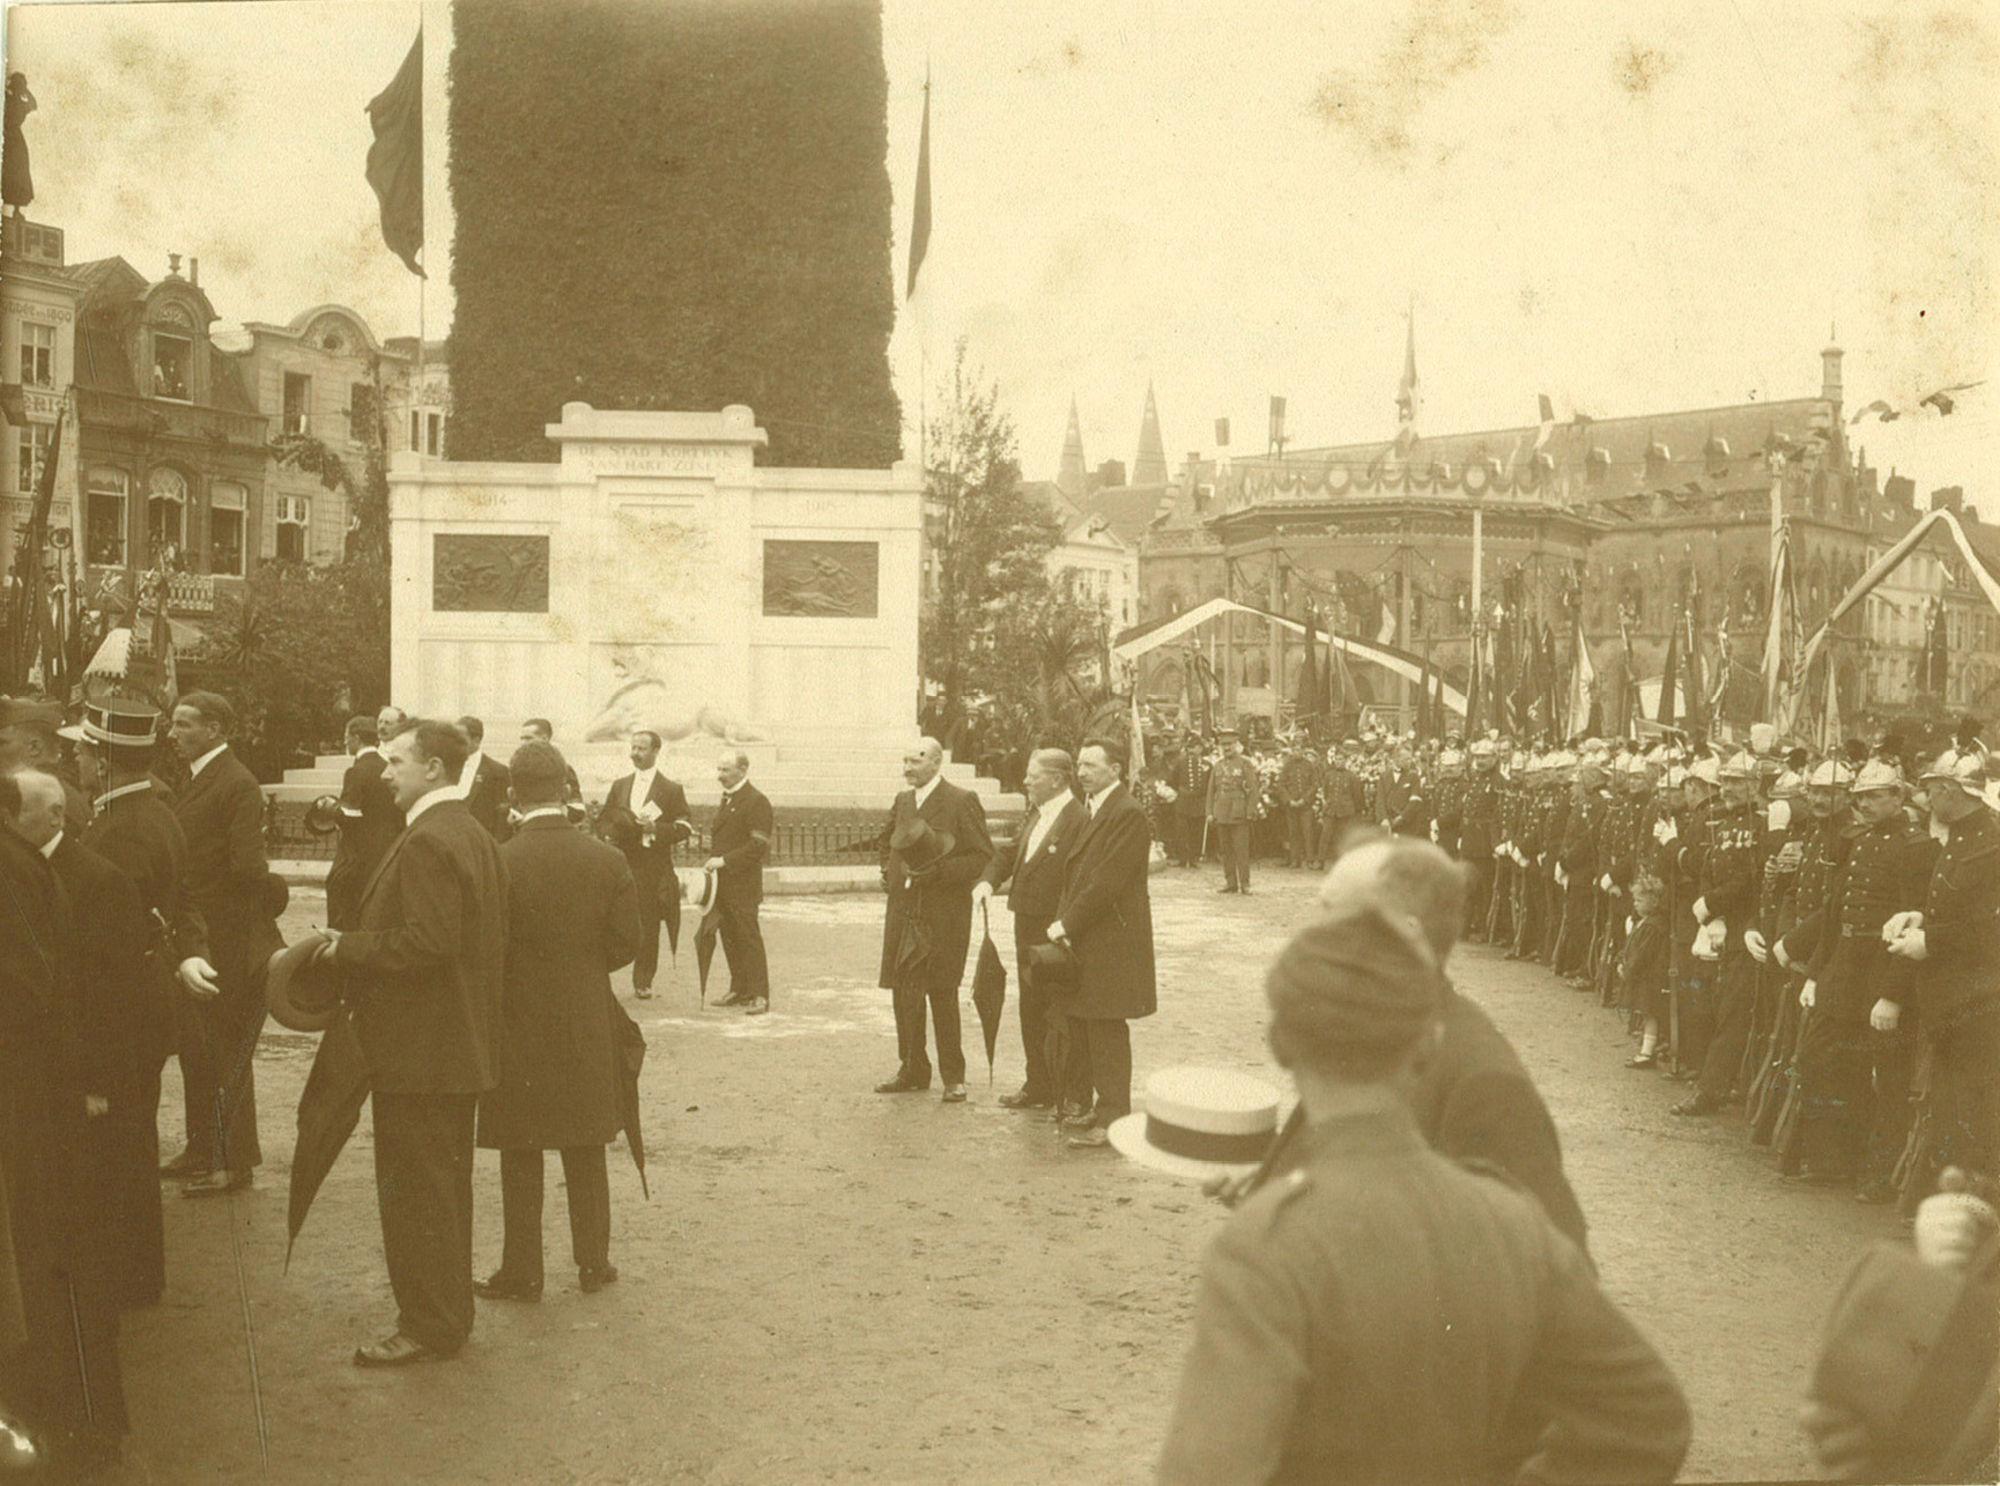 Inwijding van het oorlogsmonument 1914-1918, 15 juli 1924